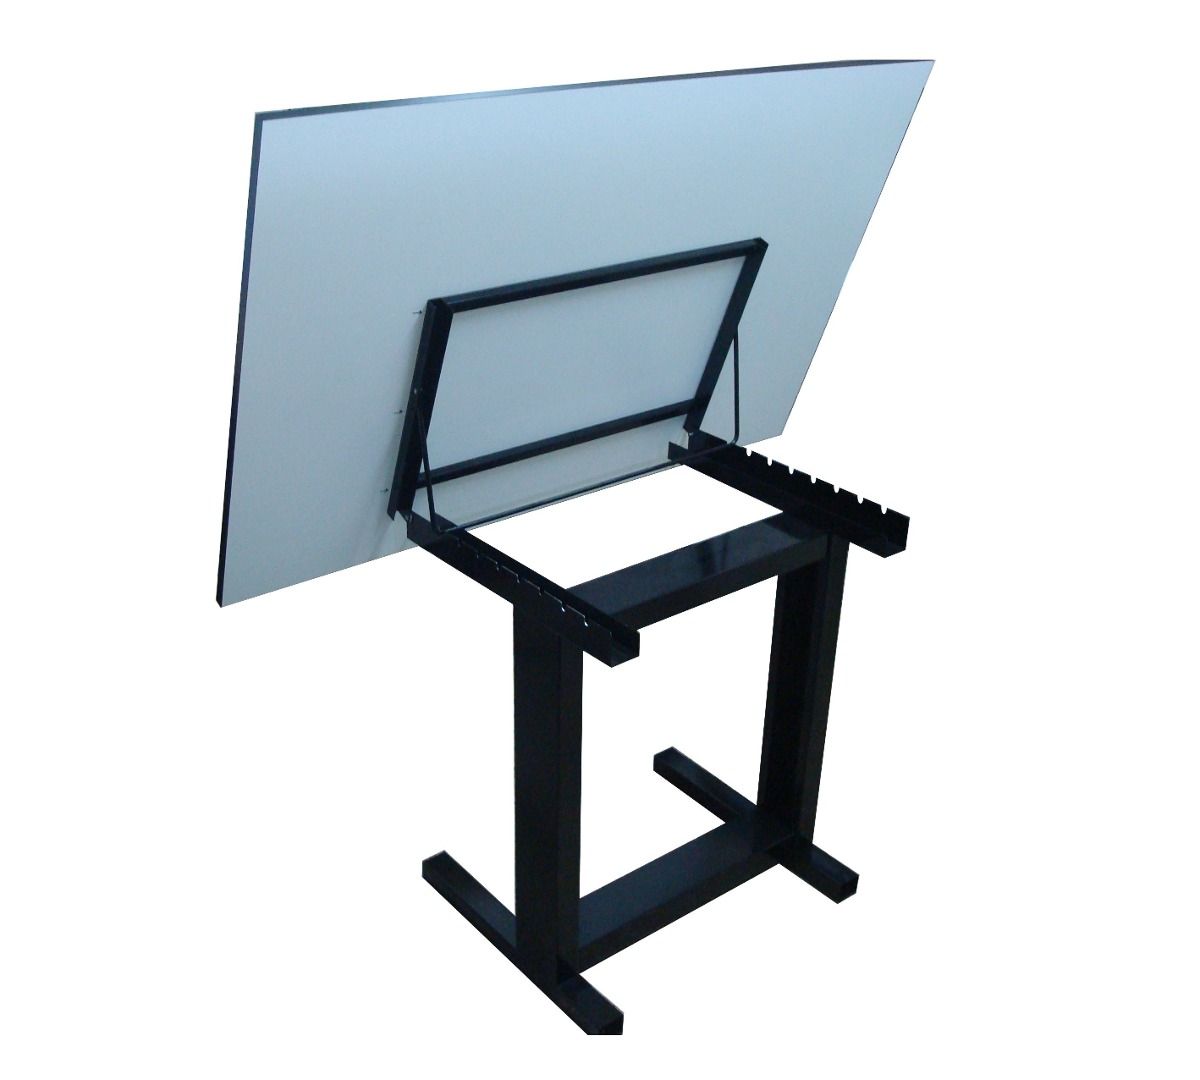 Mesas dibujo beautiful mesa de centro d con materiales - Mesas dibujo tecnico ...